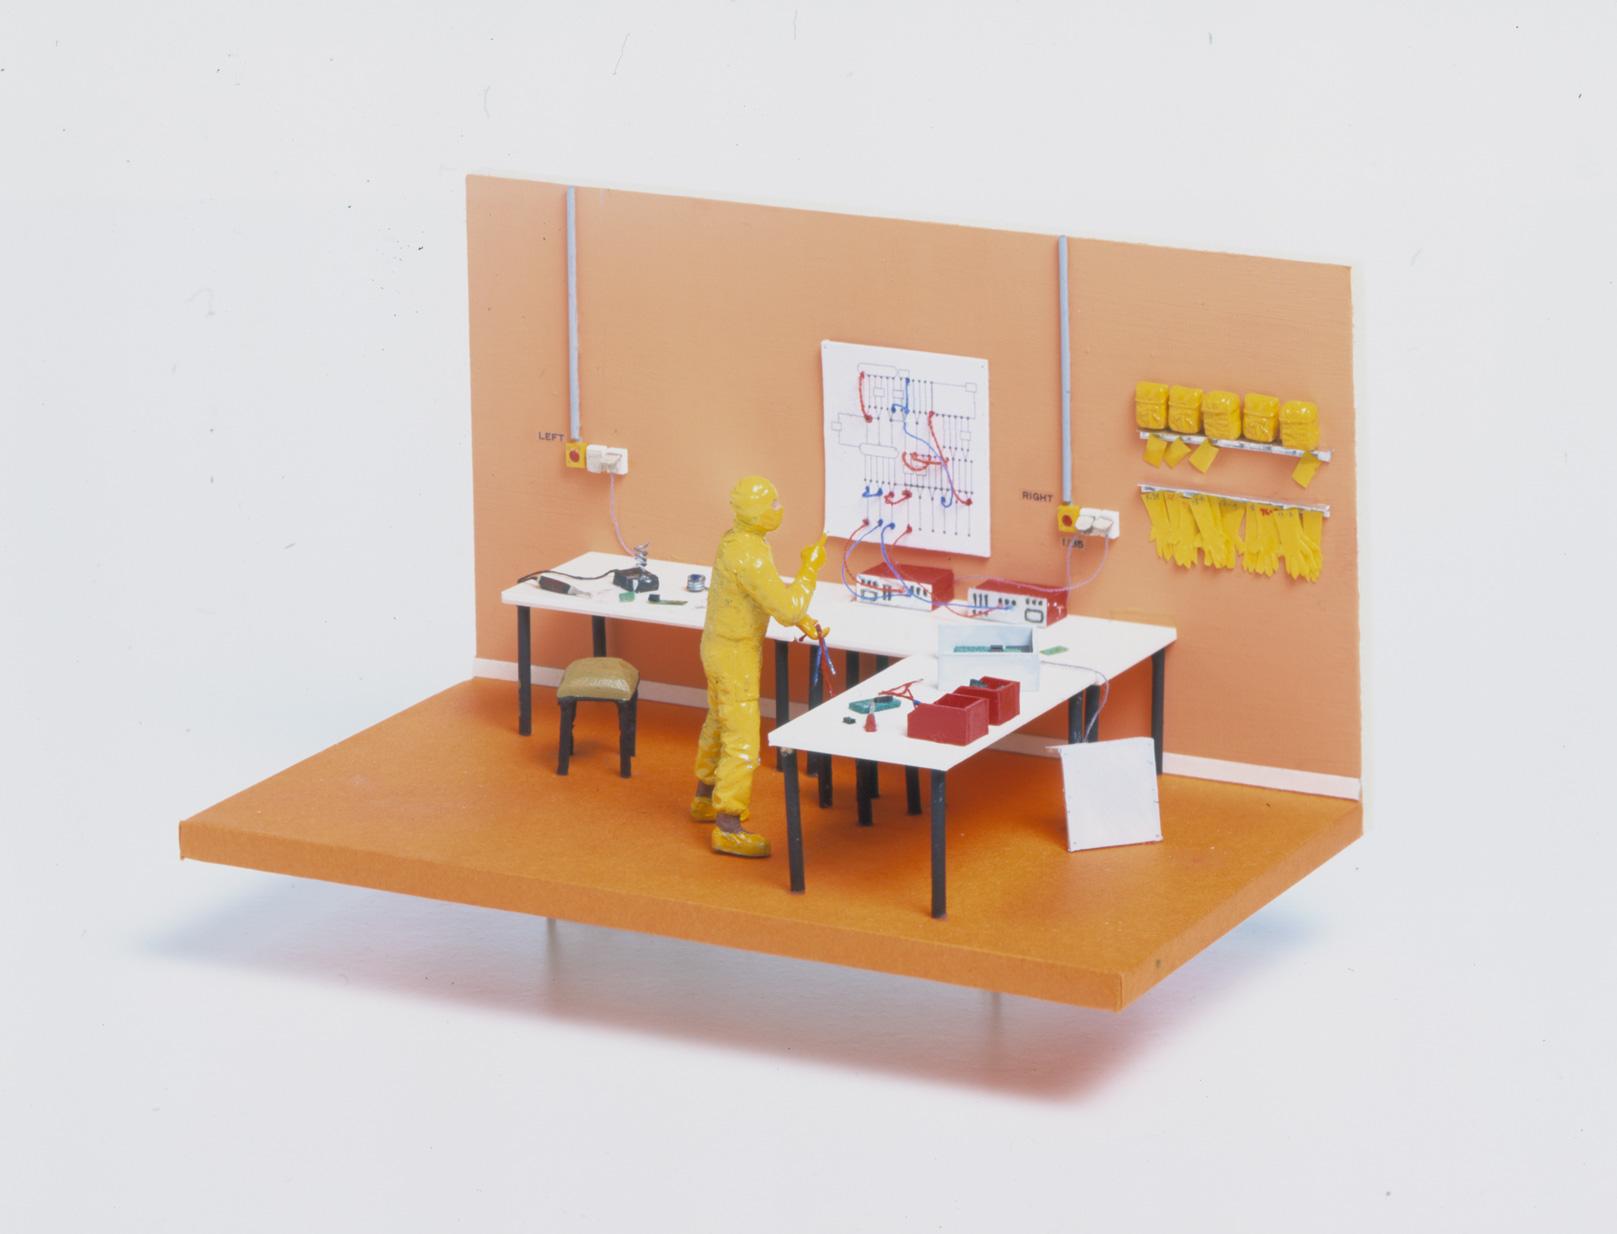 kascha-beyer-illustration-diorama-editorial-studienfaecher-11